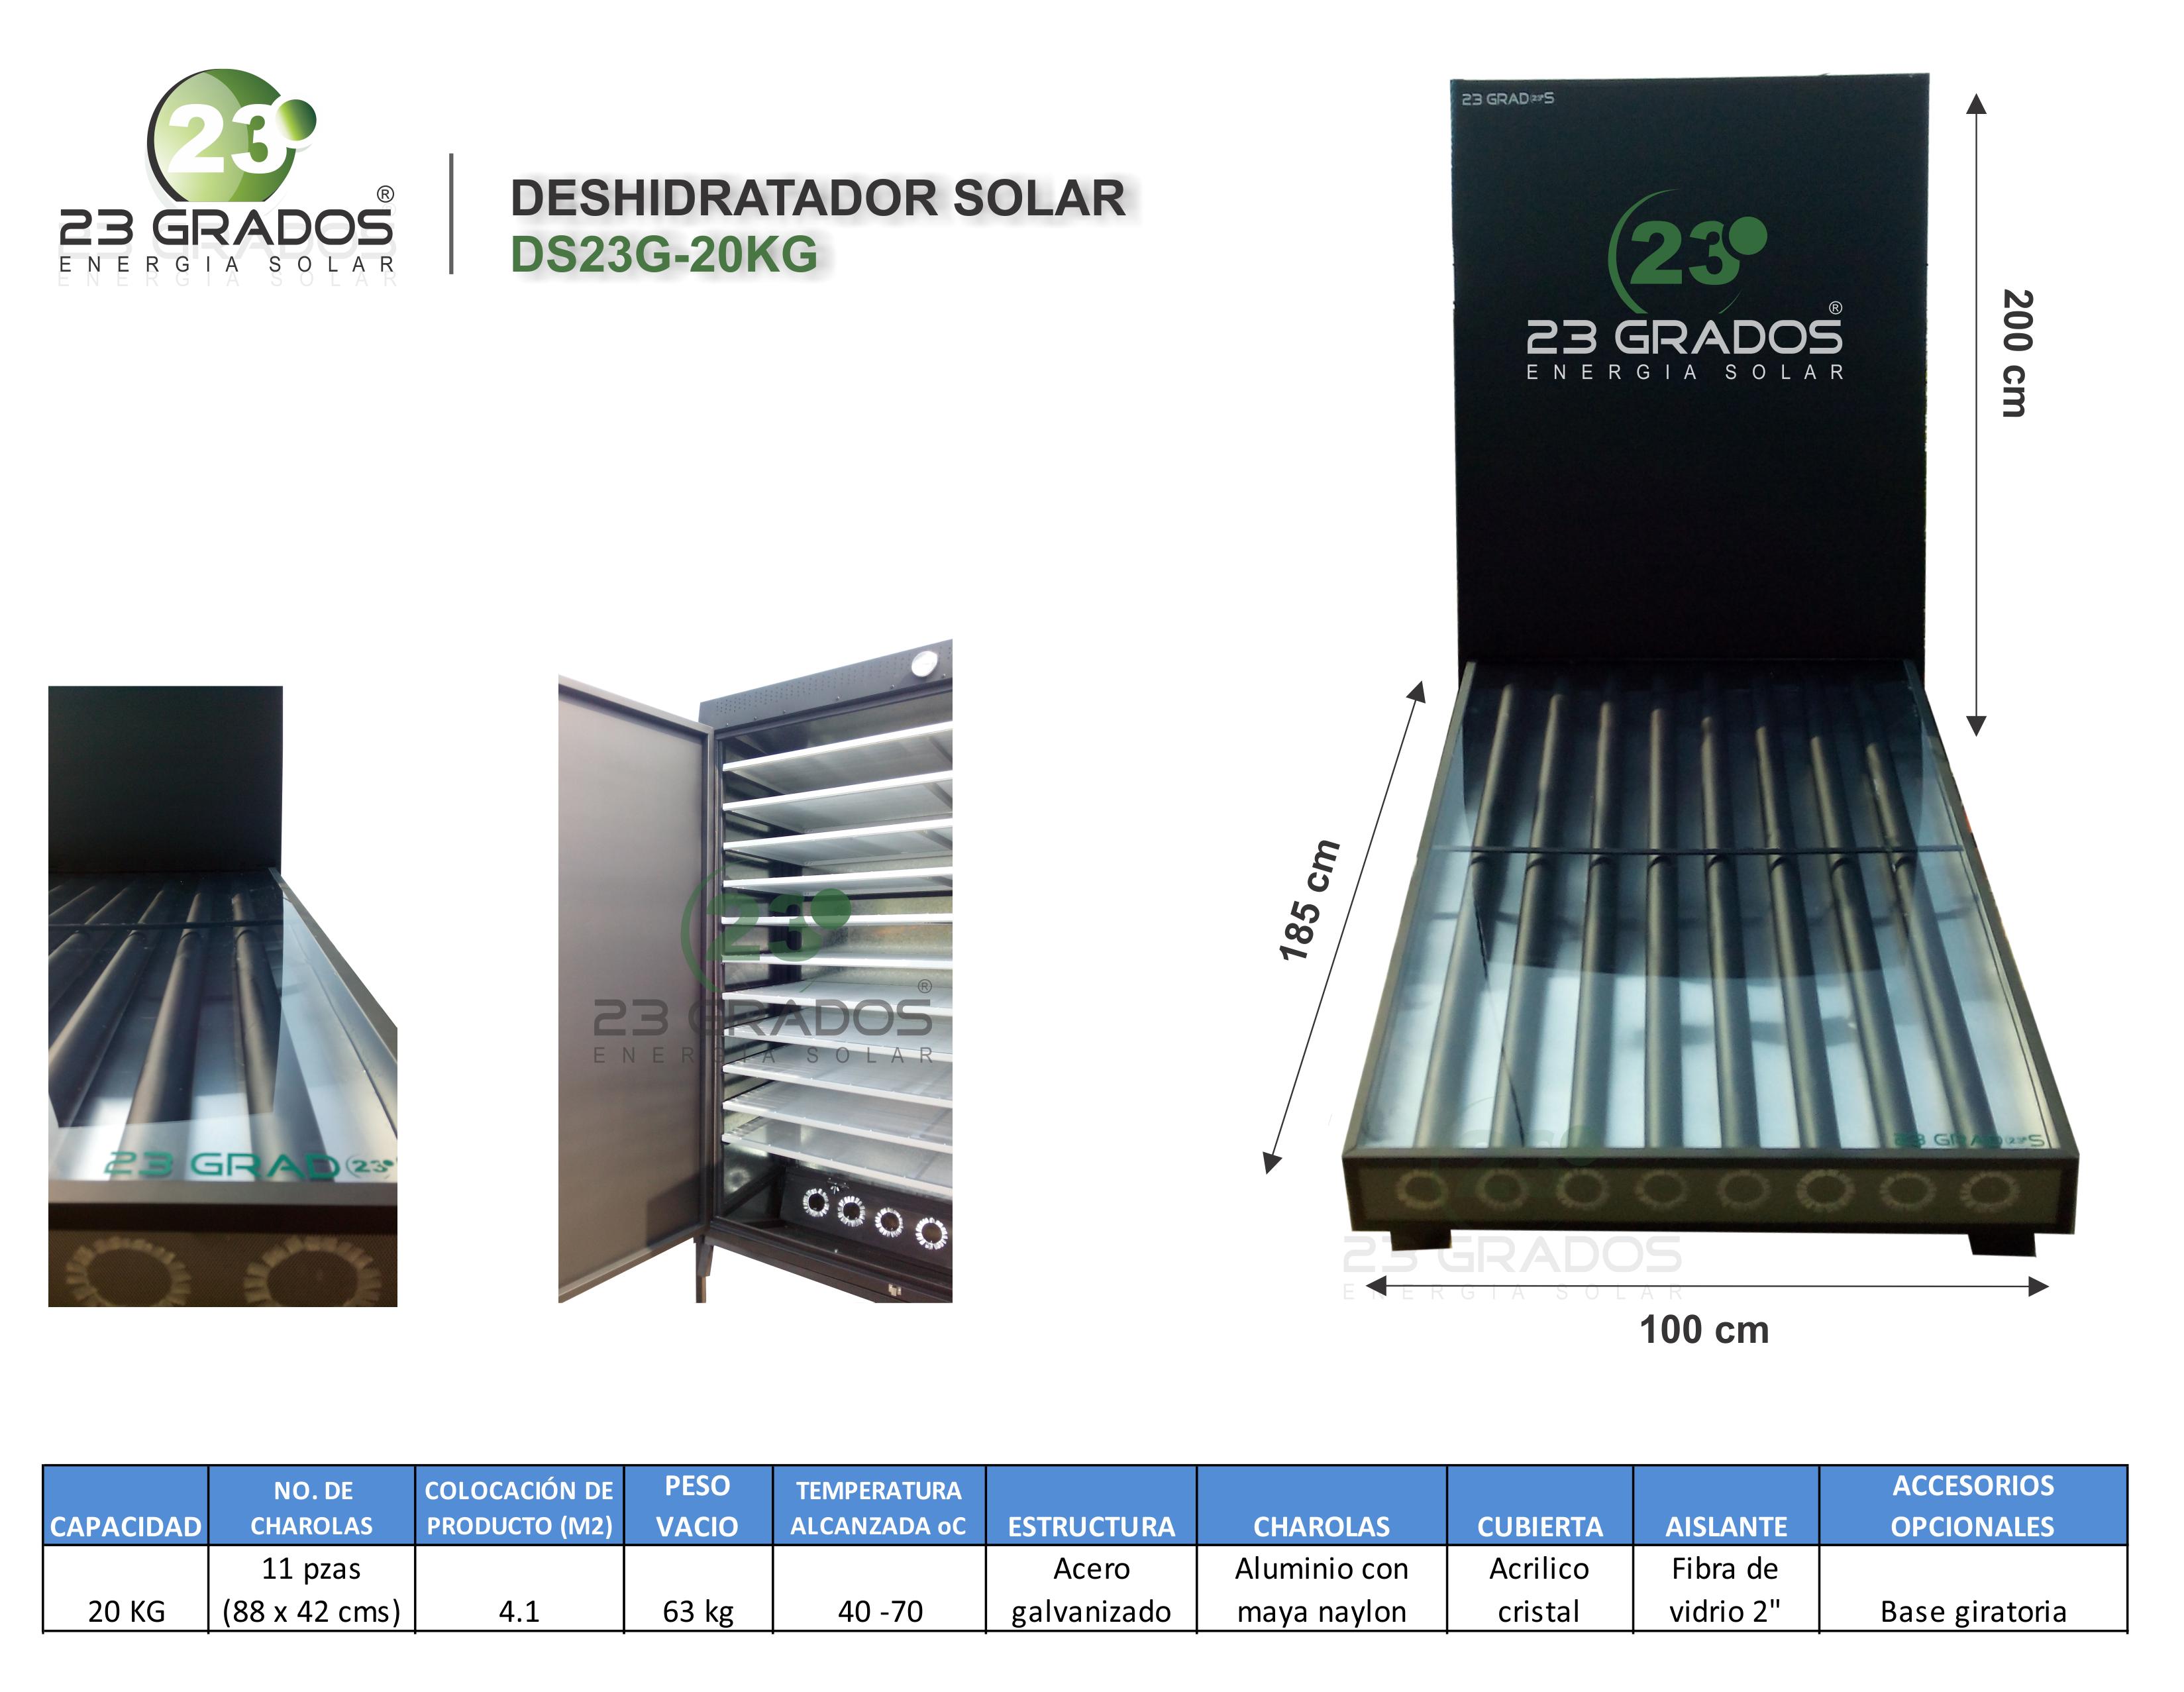 Deshidratador Solar DS23G-20kg